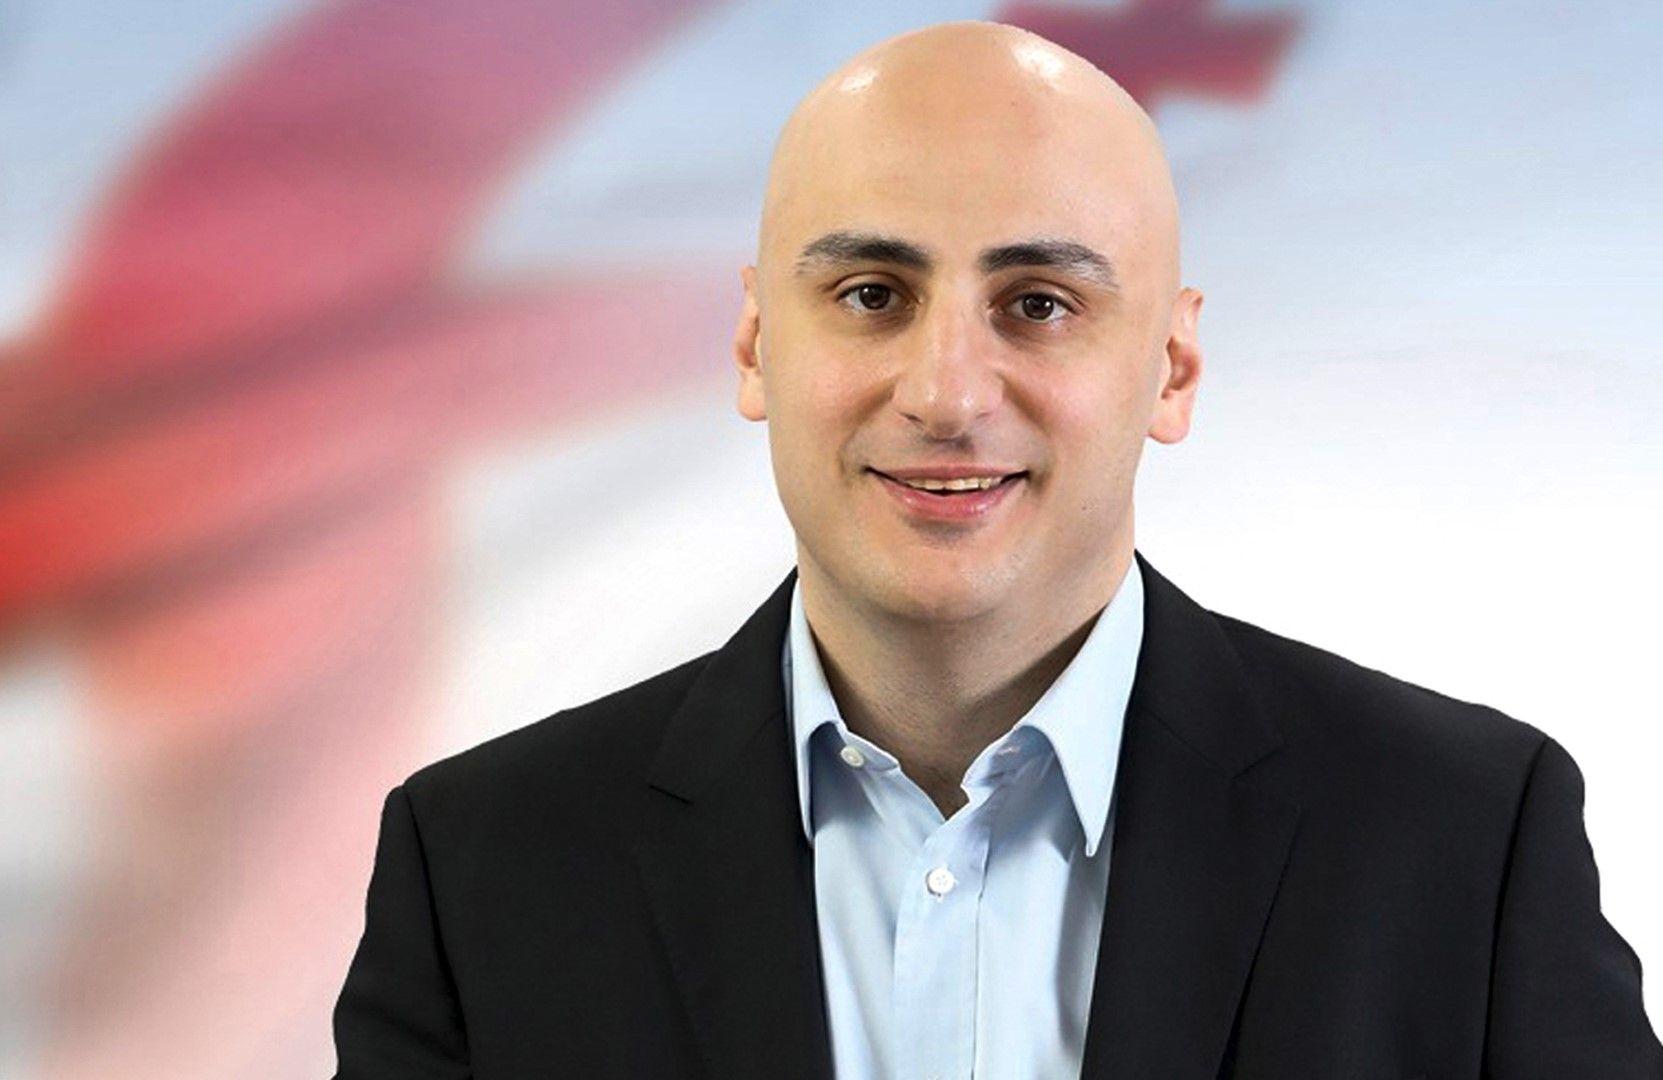 """Ника Мелия - лидер на опозиционната партия """"Единно национално движение"""" в Грузия, не си платил гаранцията по дело и затова е арестуван"""